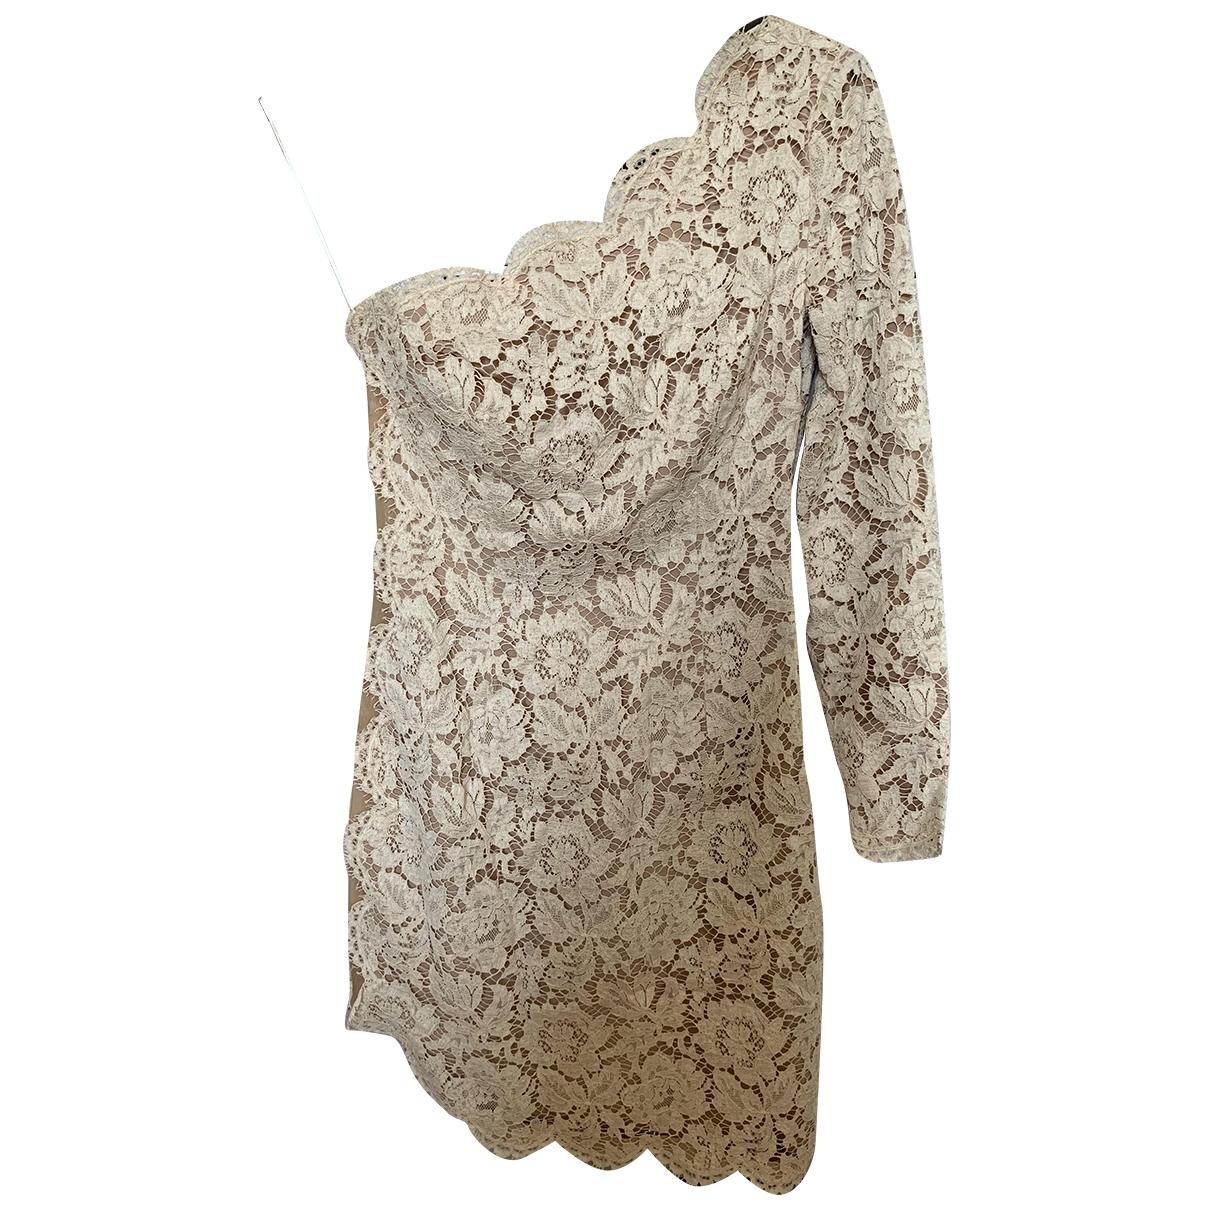 Stella Mccartney \N White Cotton dress for Women 40 IT